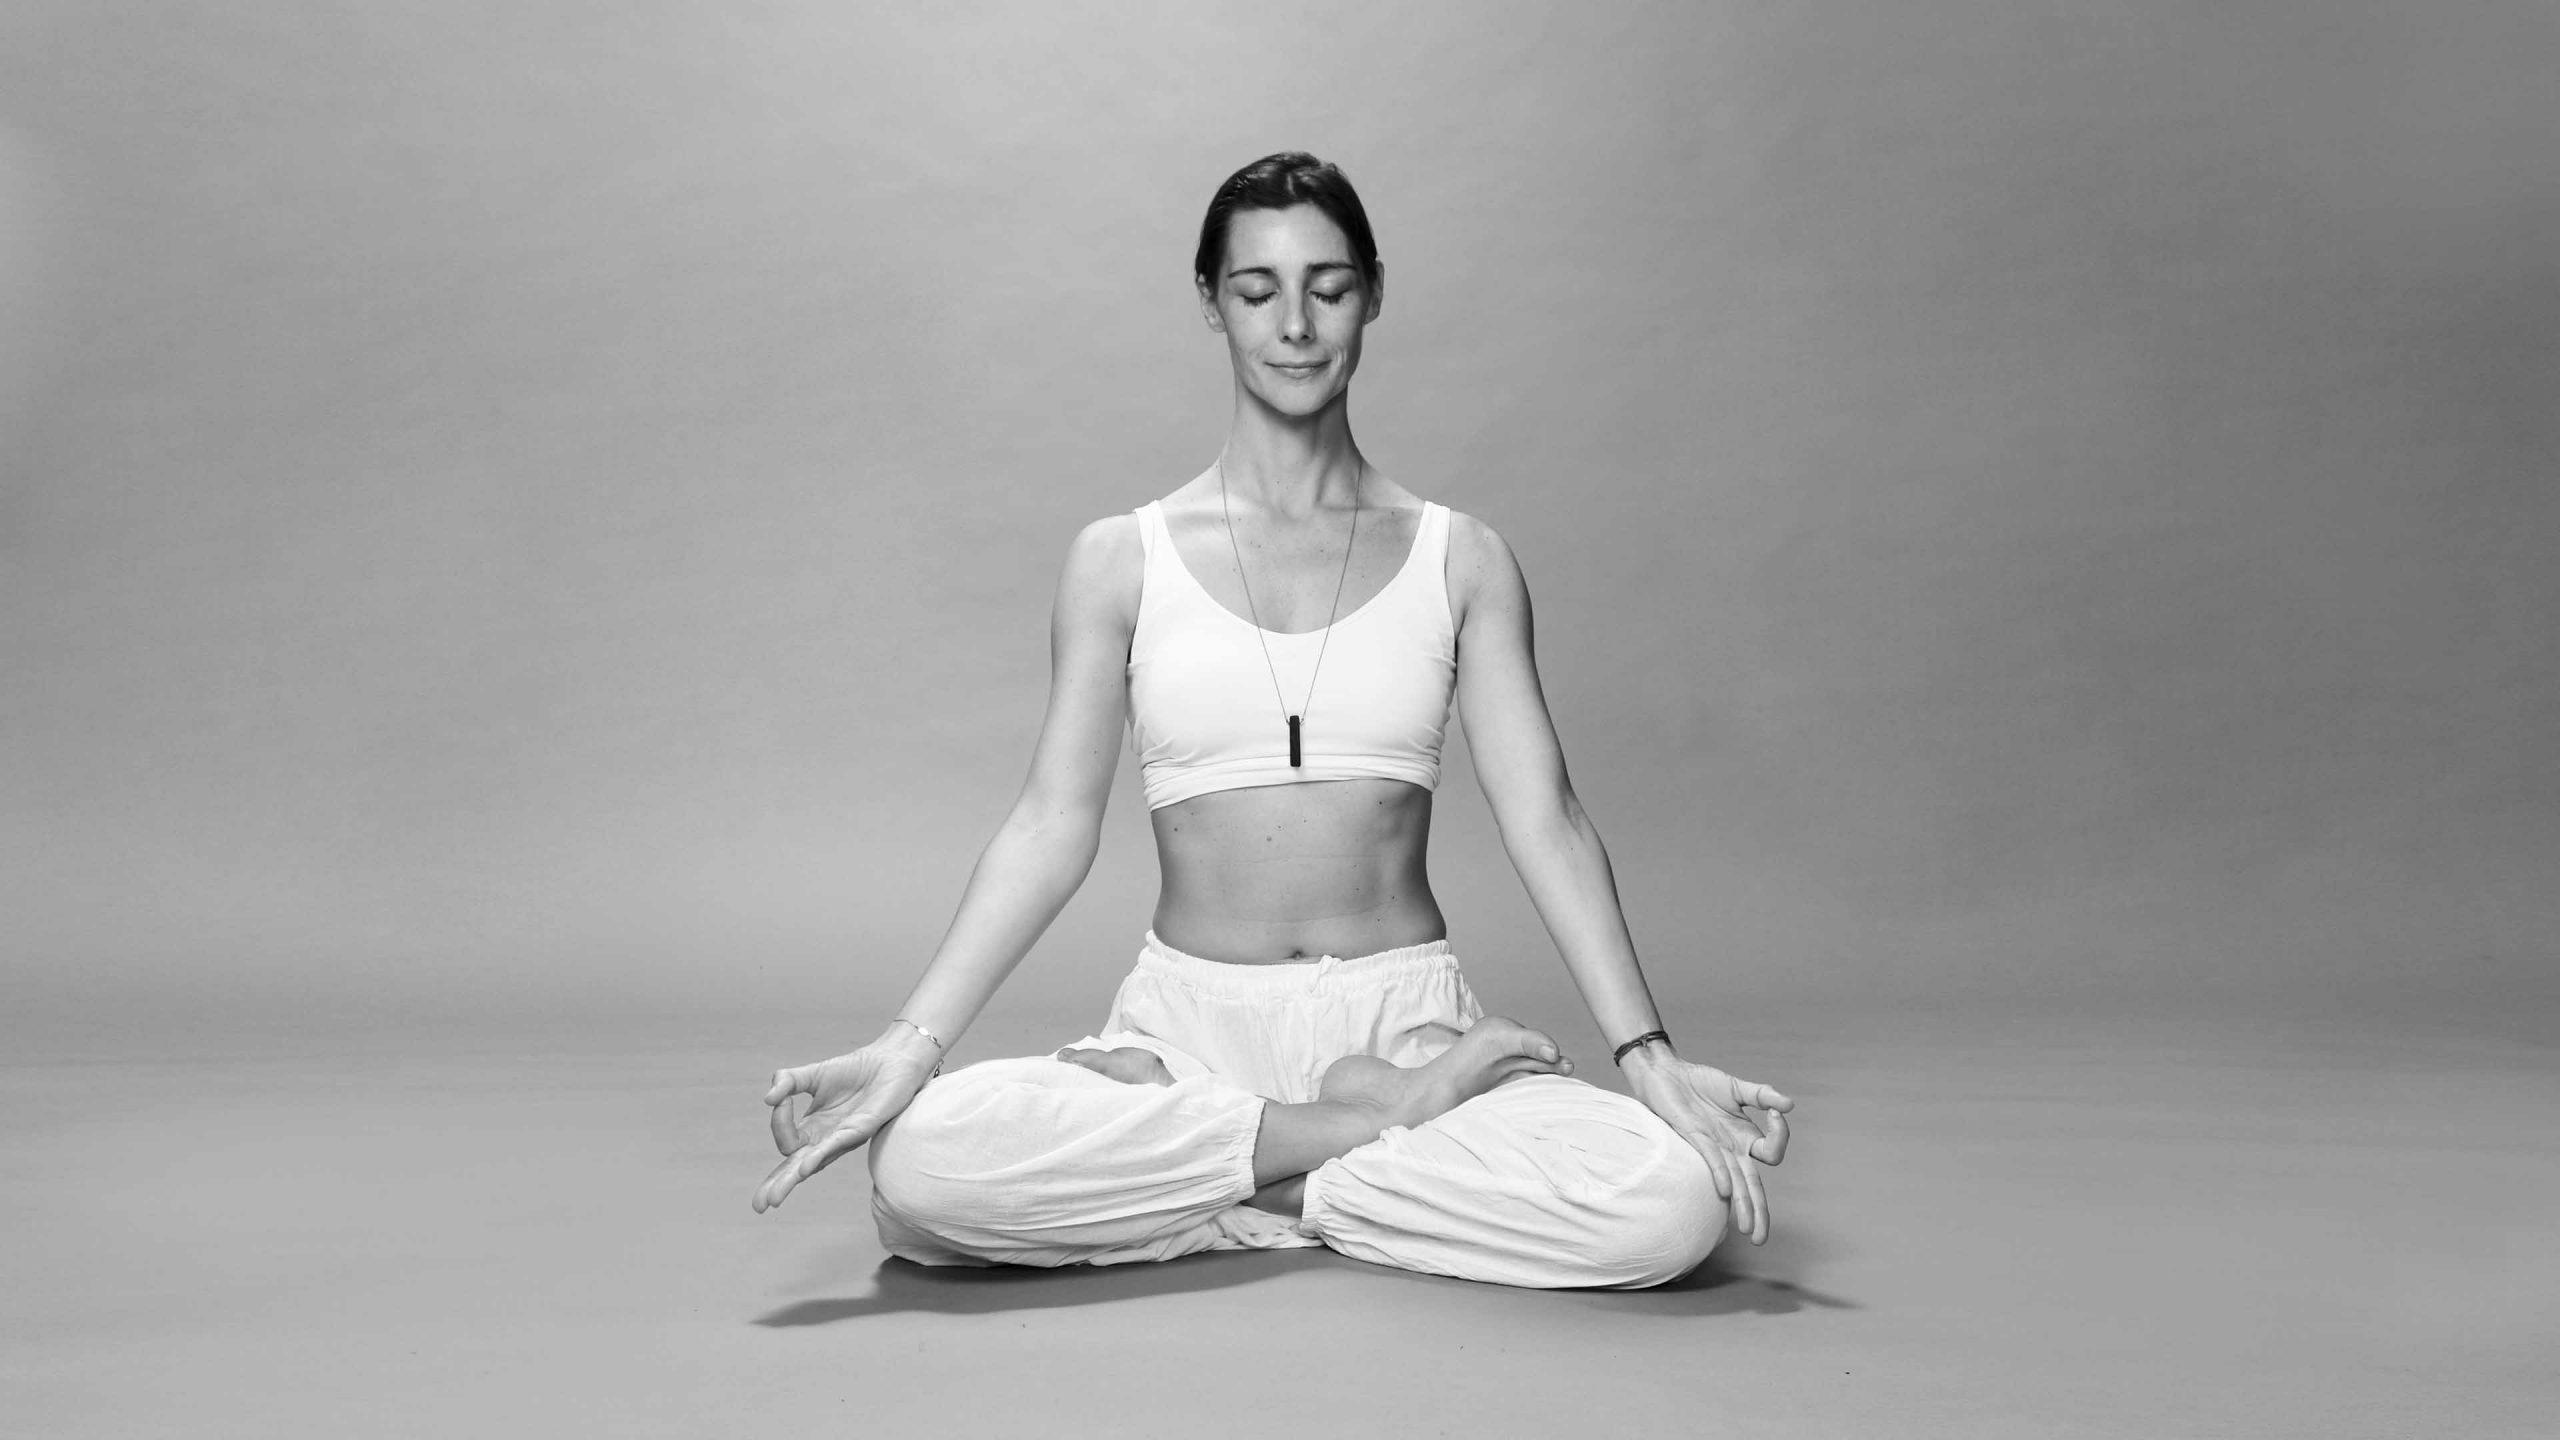 cours de yoga méditation Stéphanie Mathieu